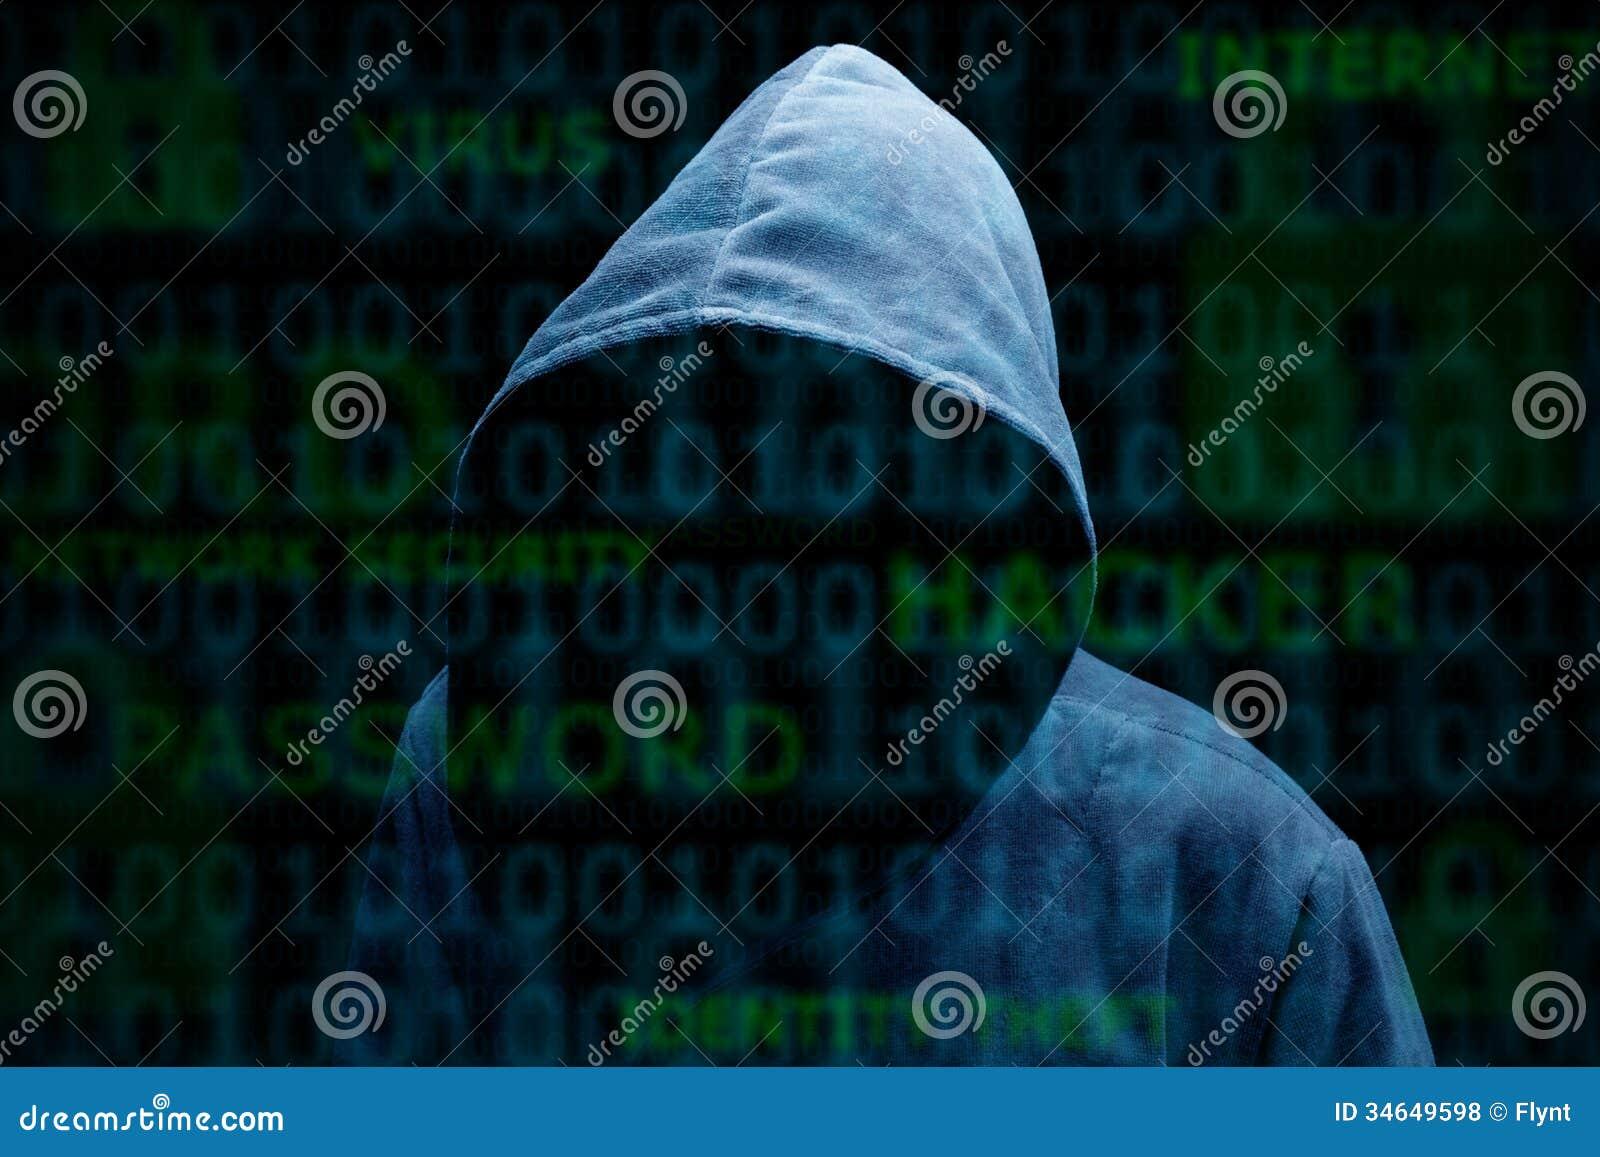 Silueta encapuchada de un pirata informático